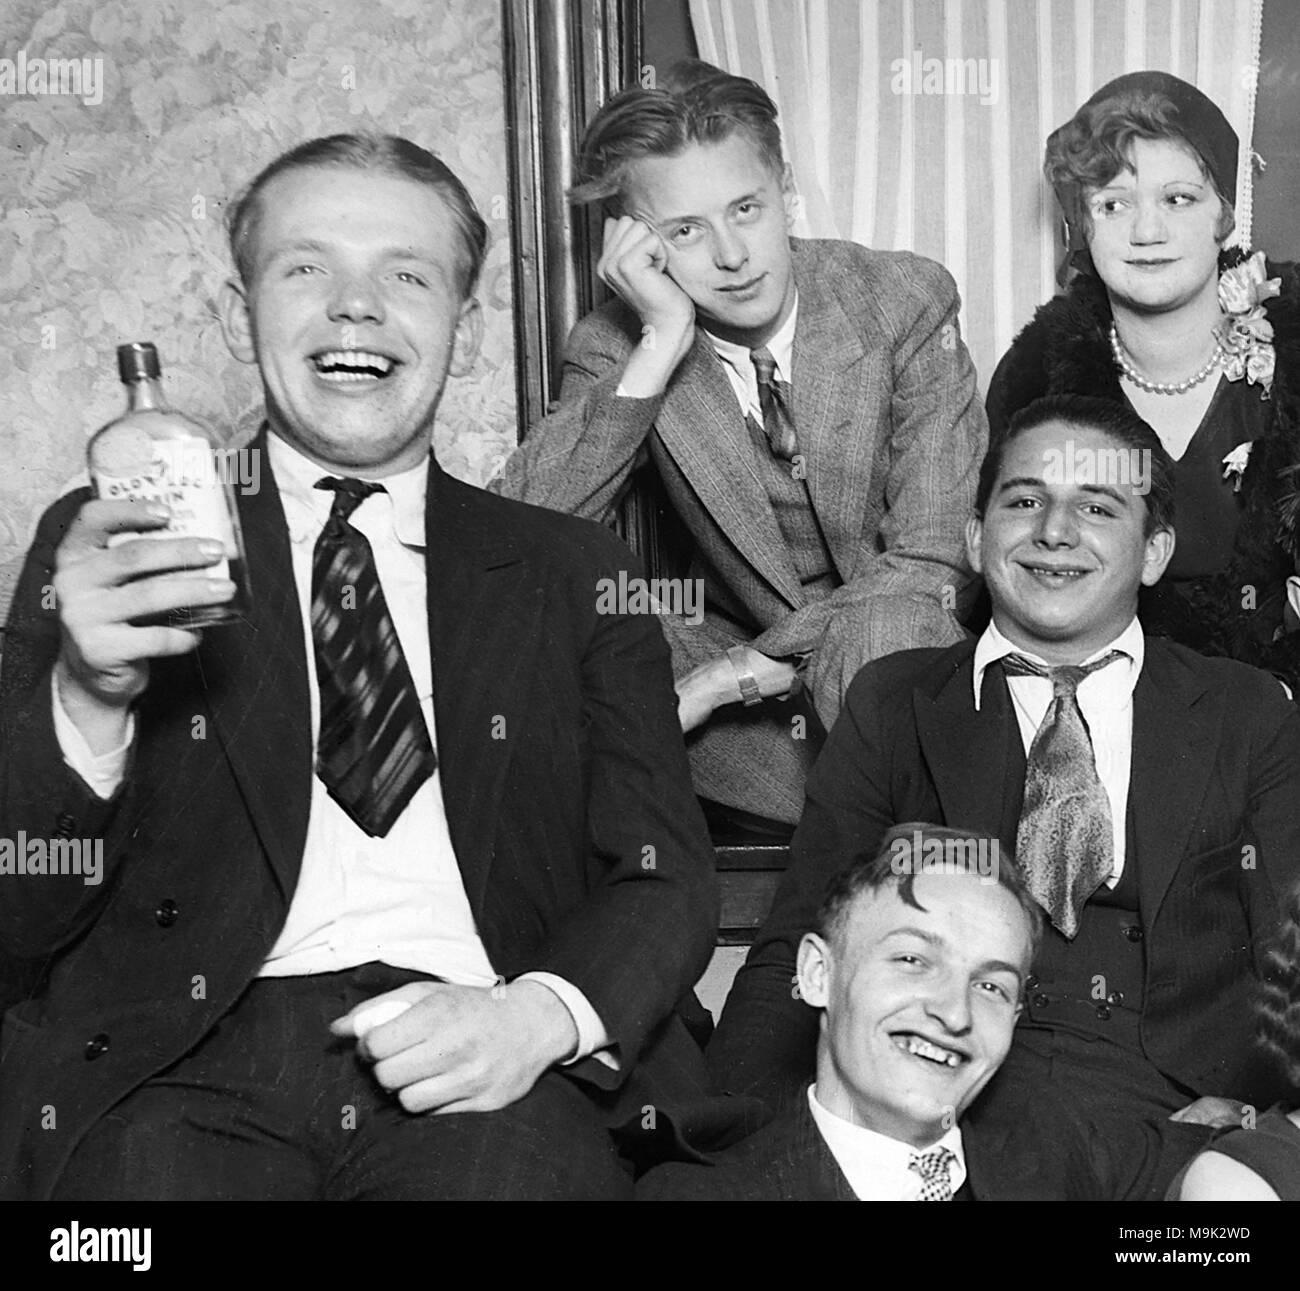 """Jugendliche trinken Bootleg Whiskey"""" Old Log Cabin"""" während der Prohibition in Chicago im Jahr 1927 gekennzeichnet. """"Old Log Cabin"""" wurde Canadian Club Whisky importiert von gangster Al Capone und Bugs Moran dann rebottled und im Chicago Bereich verteilt. Stockbild"""